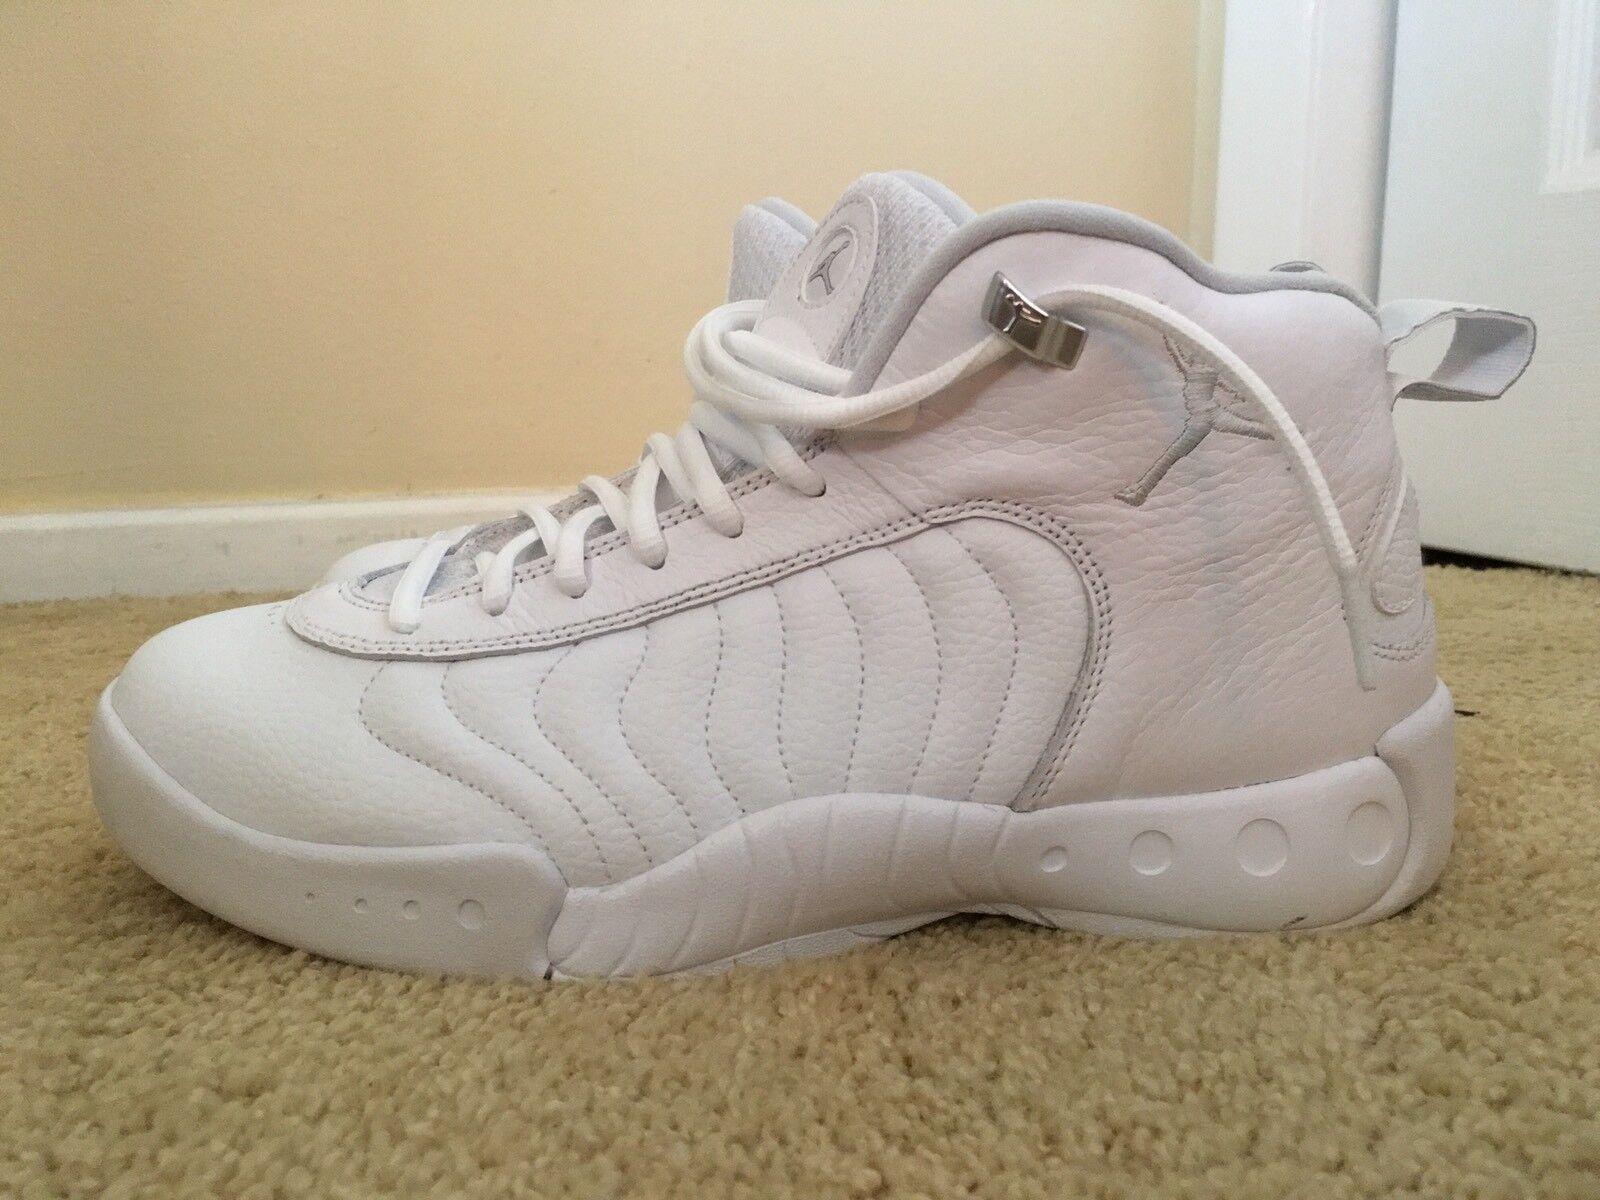 Nike Jordan Jumpman Pro, 906876-100, Men's Basketball Shoes White, Size 11